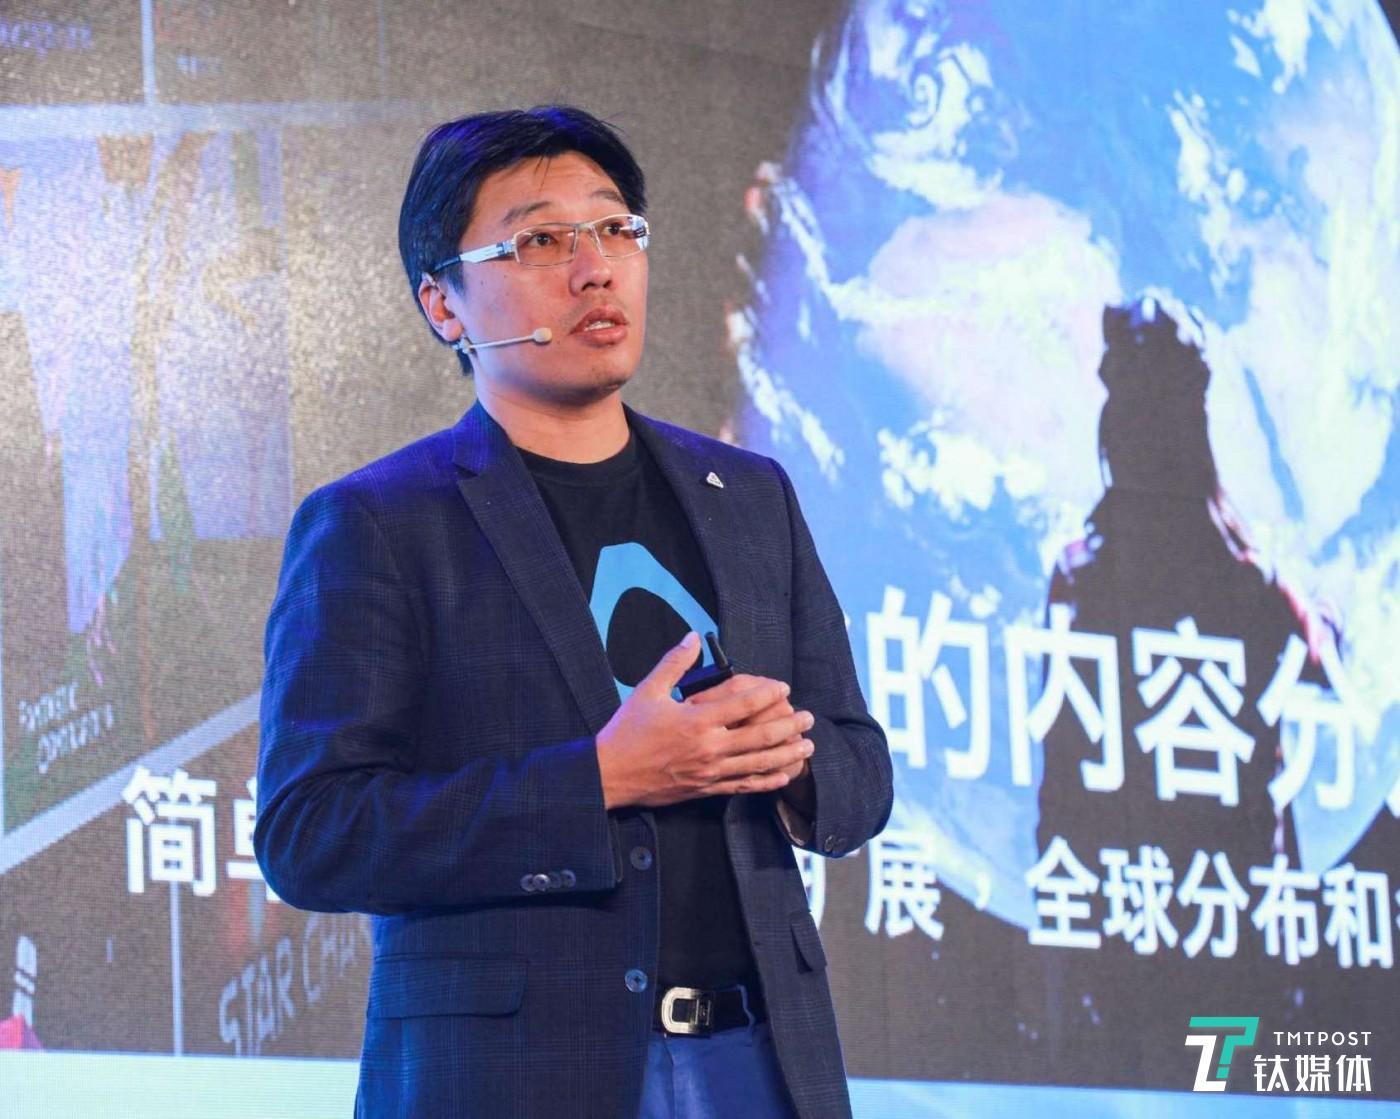 Vive 虚拟现实新科技部门副总裁鲍永哲